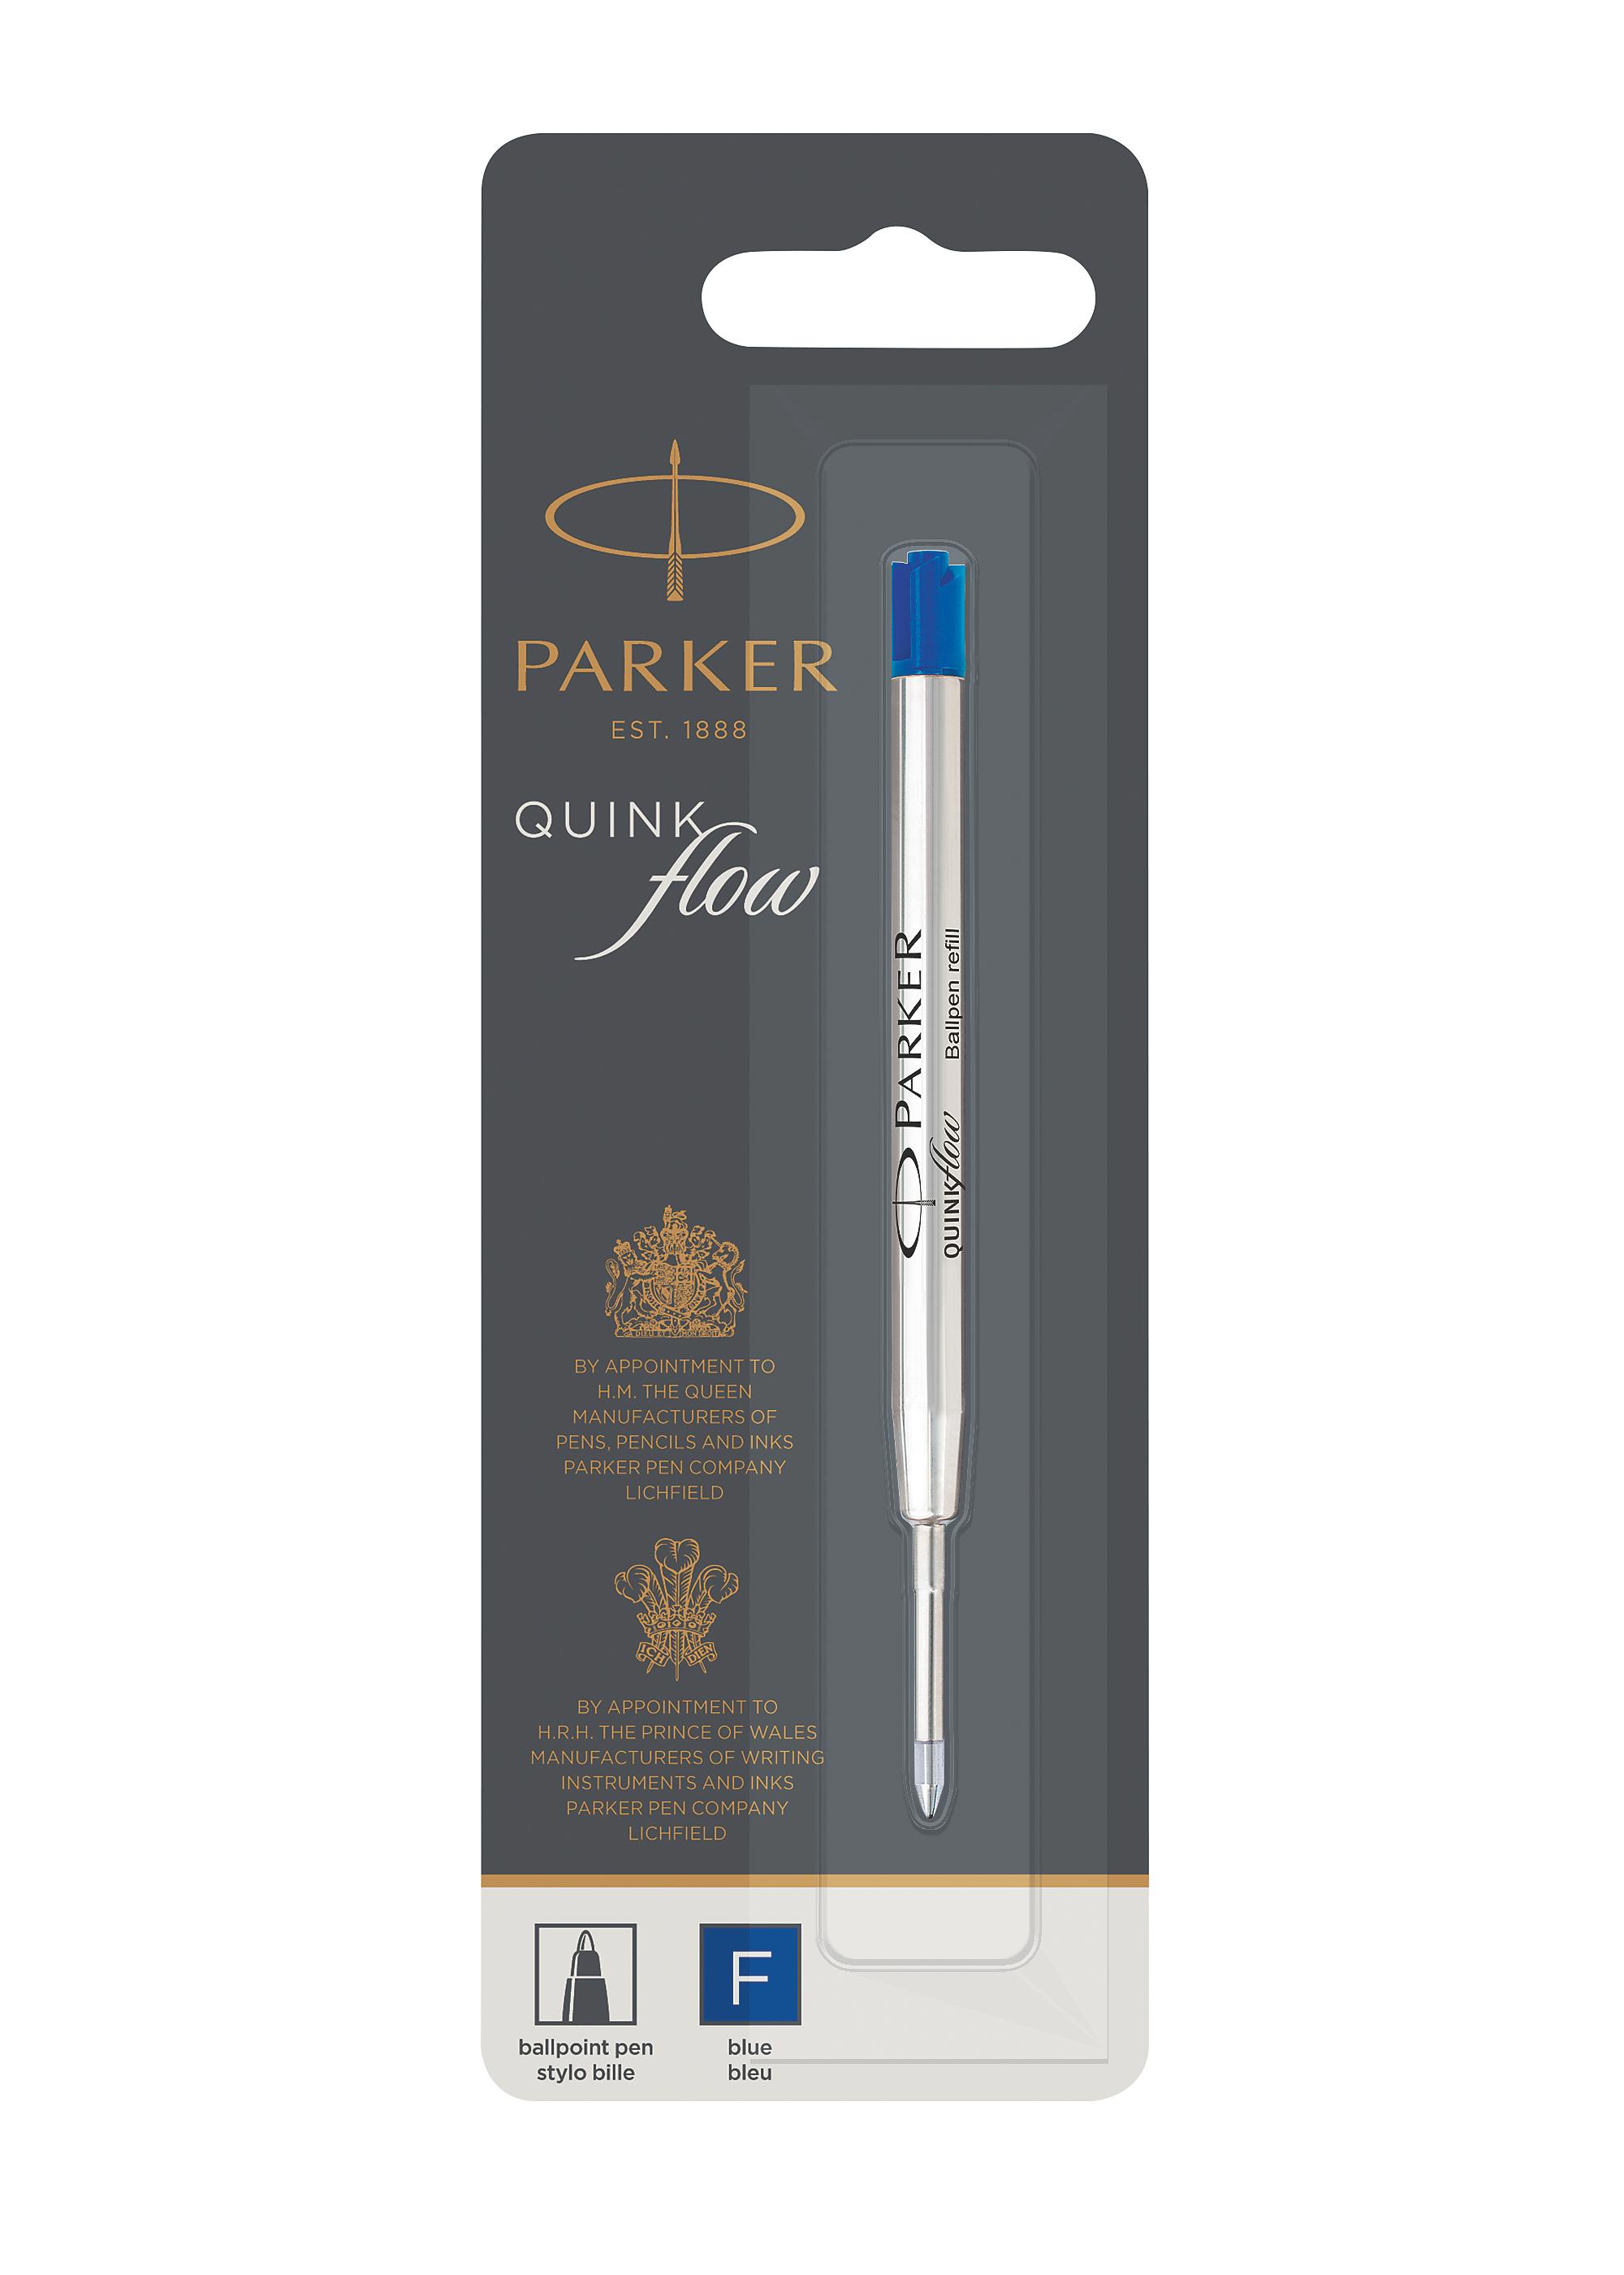 Parker ballpoint pen refill Quinkflow F blue blist